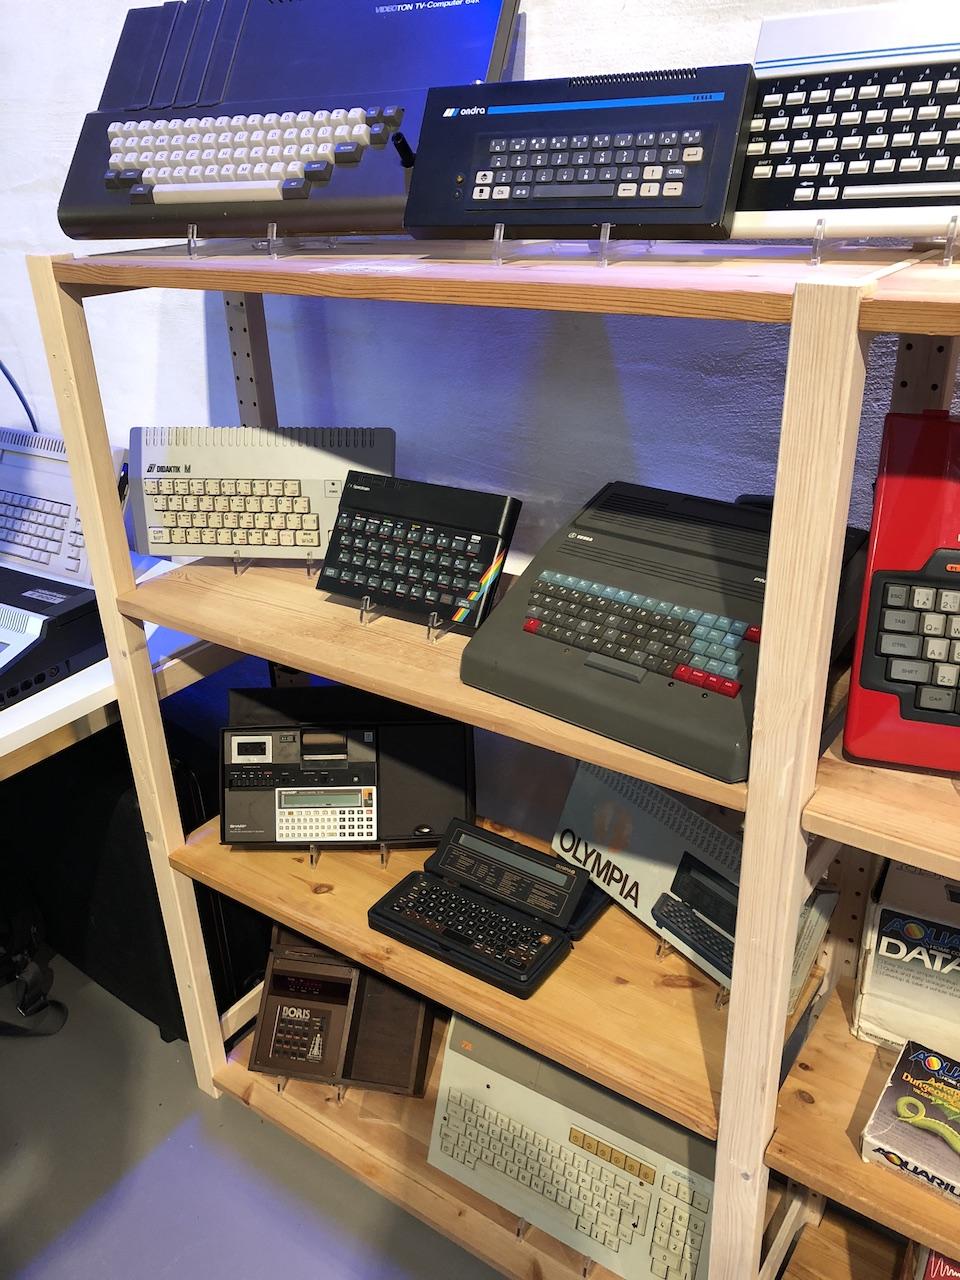 Weitere seltene Hardware u. a. ein Didaktik M aus der Tschechoslowakei. (Bild: Stefan Vogt)